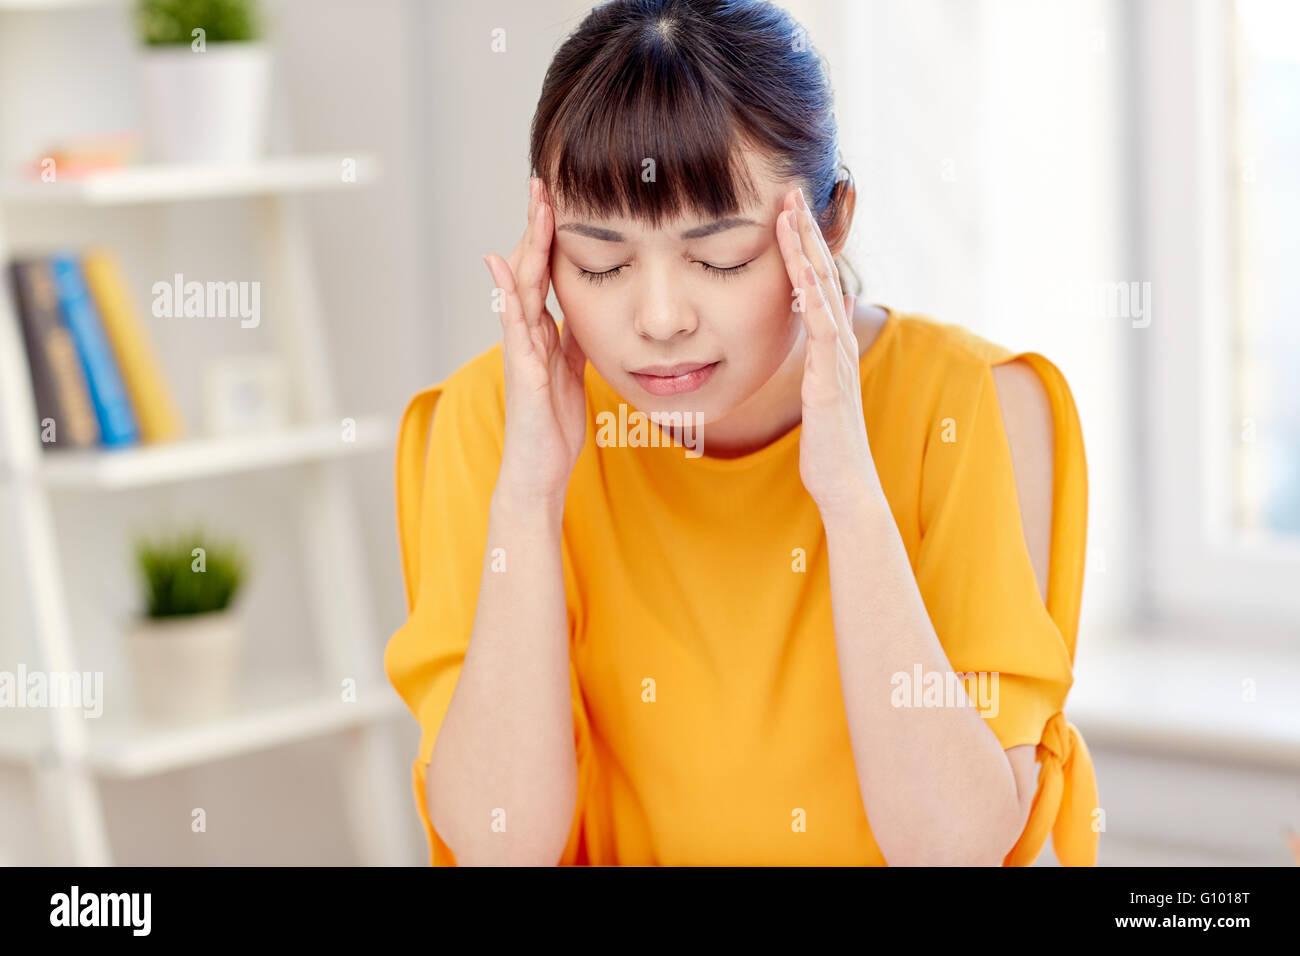 müde, leiden unter Kopfschmerzen zu Hause Asiatin Stockbild